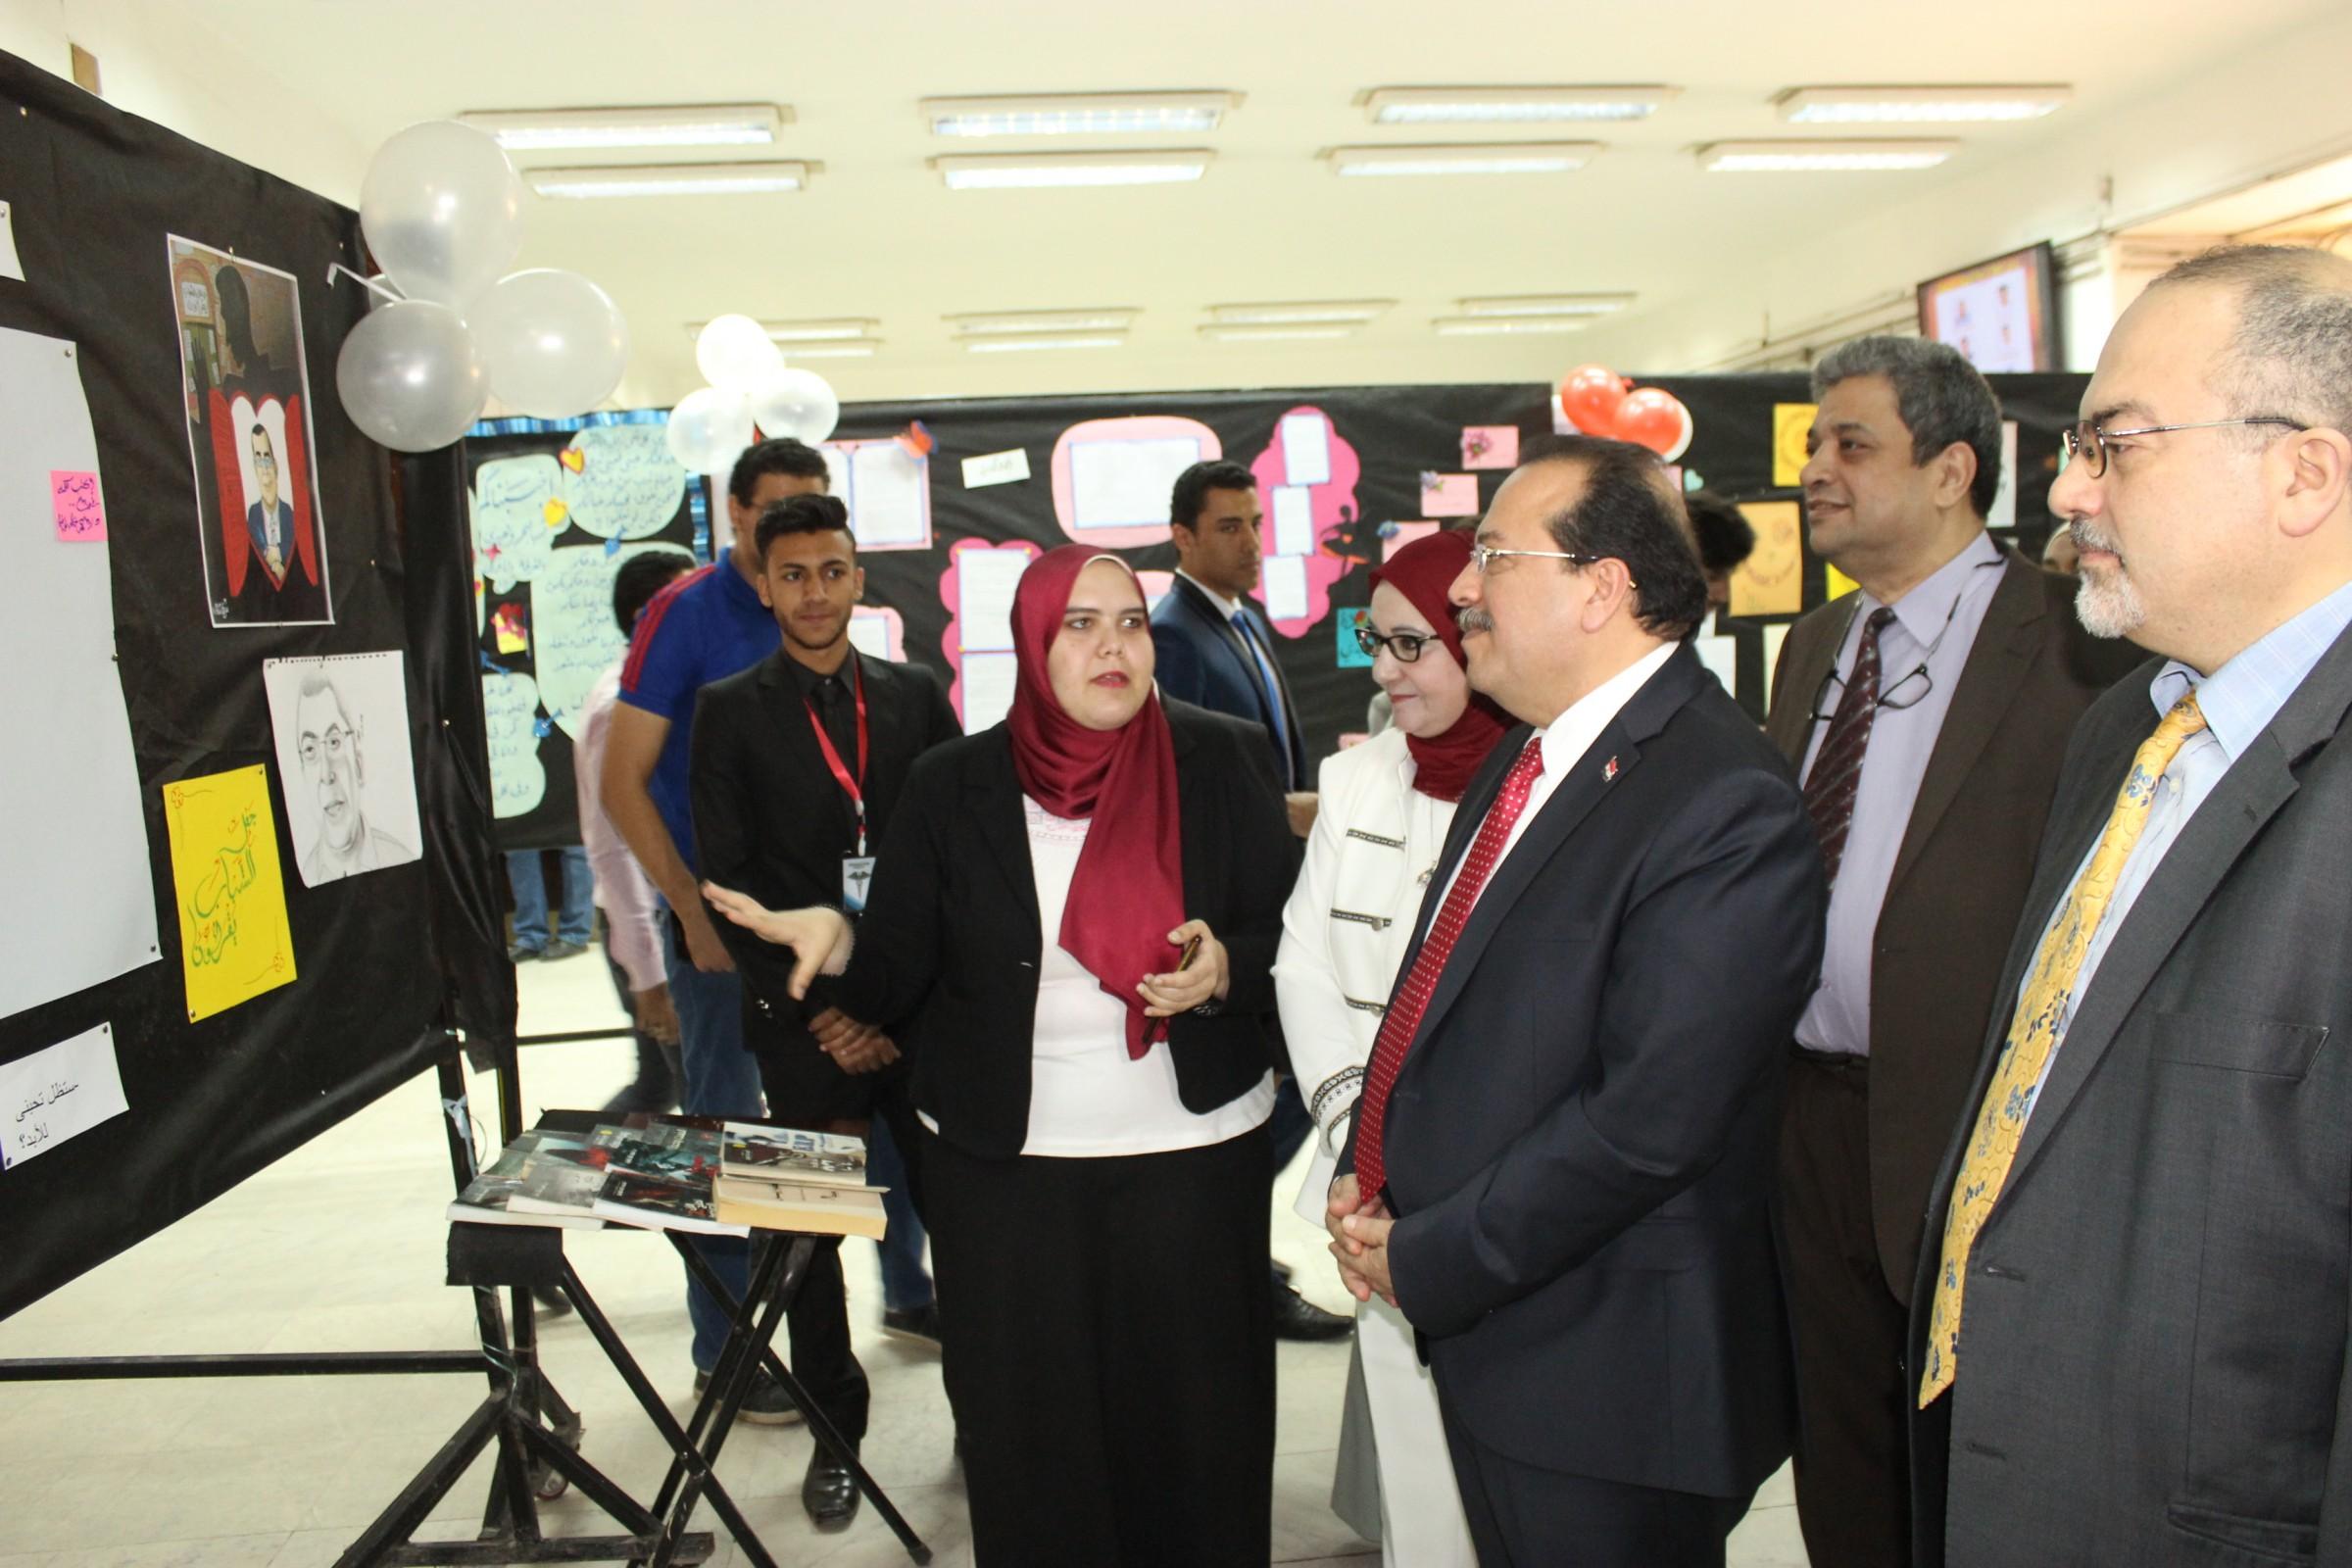 عرض أعمال أحمد خالد توفيق بالمعرض الفني (1)